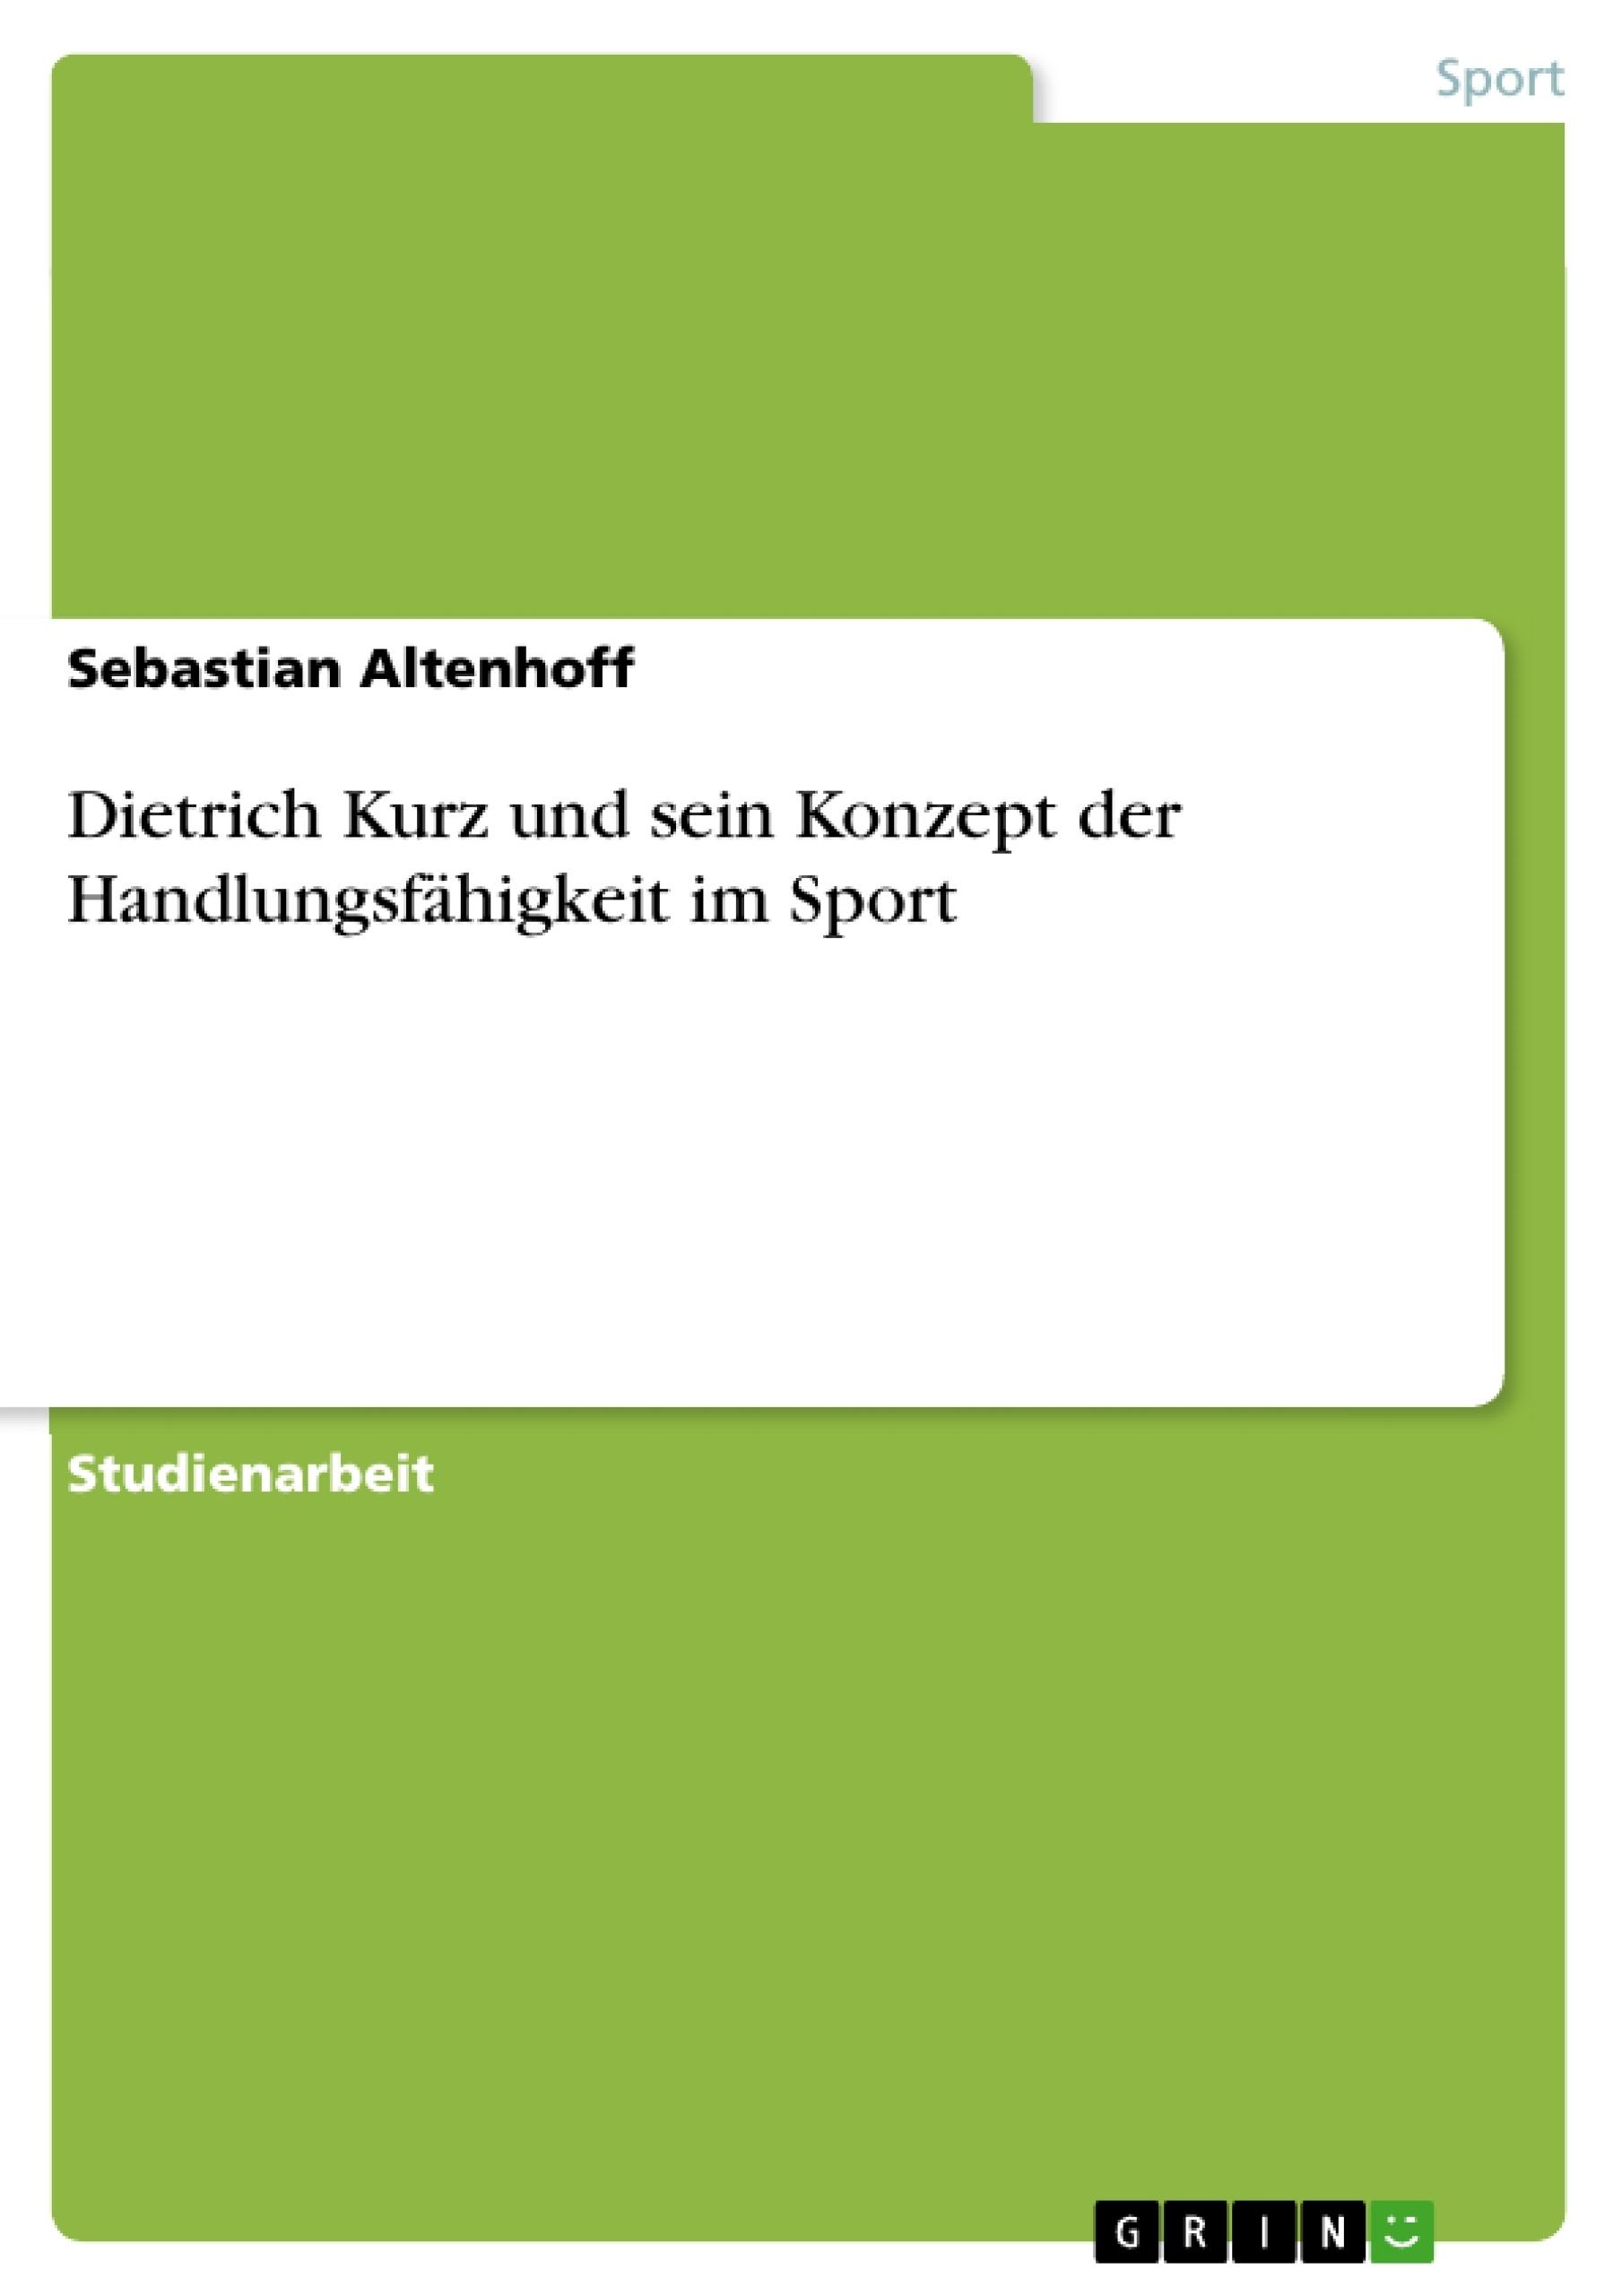 Titel: Dietrich Kurz und sein Konzept der Handlungsfähigkeit im Sport